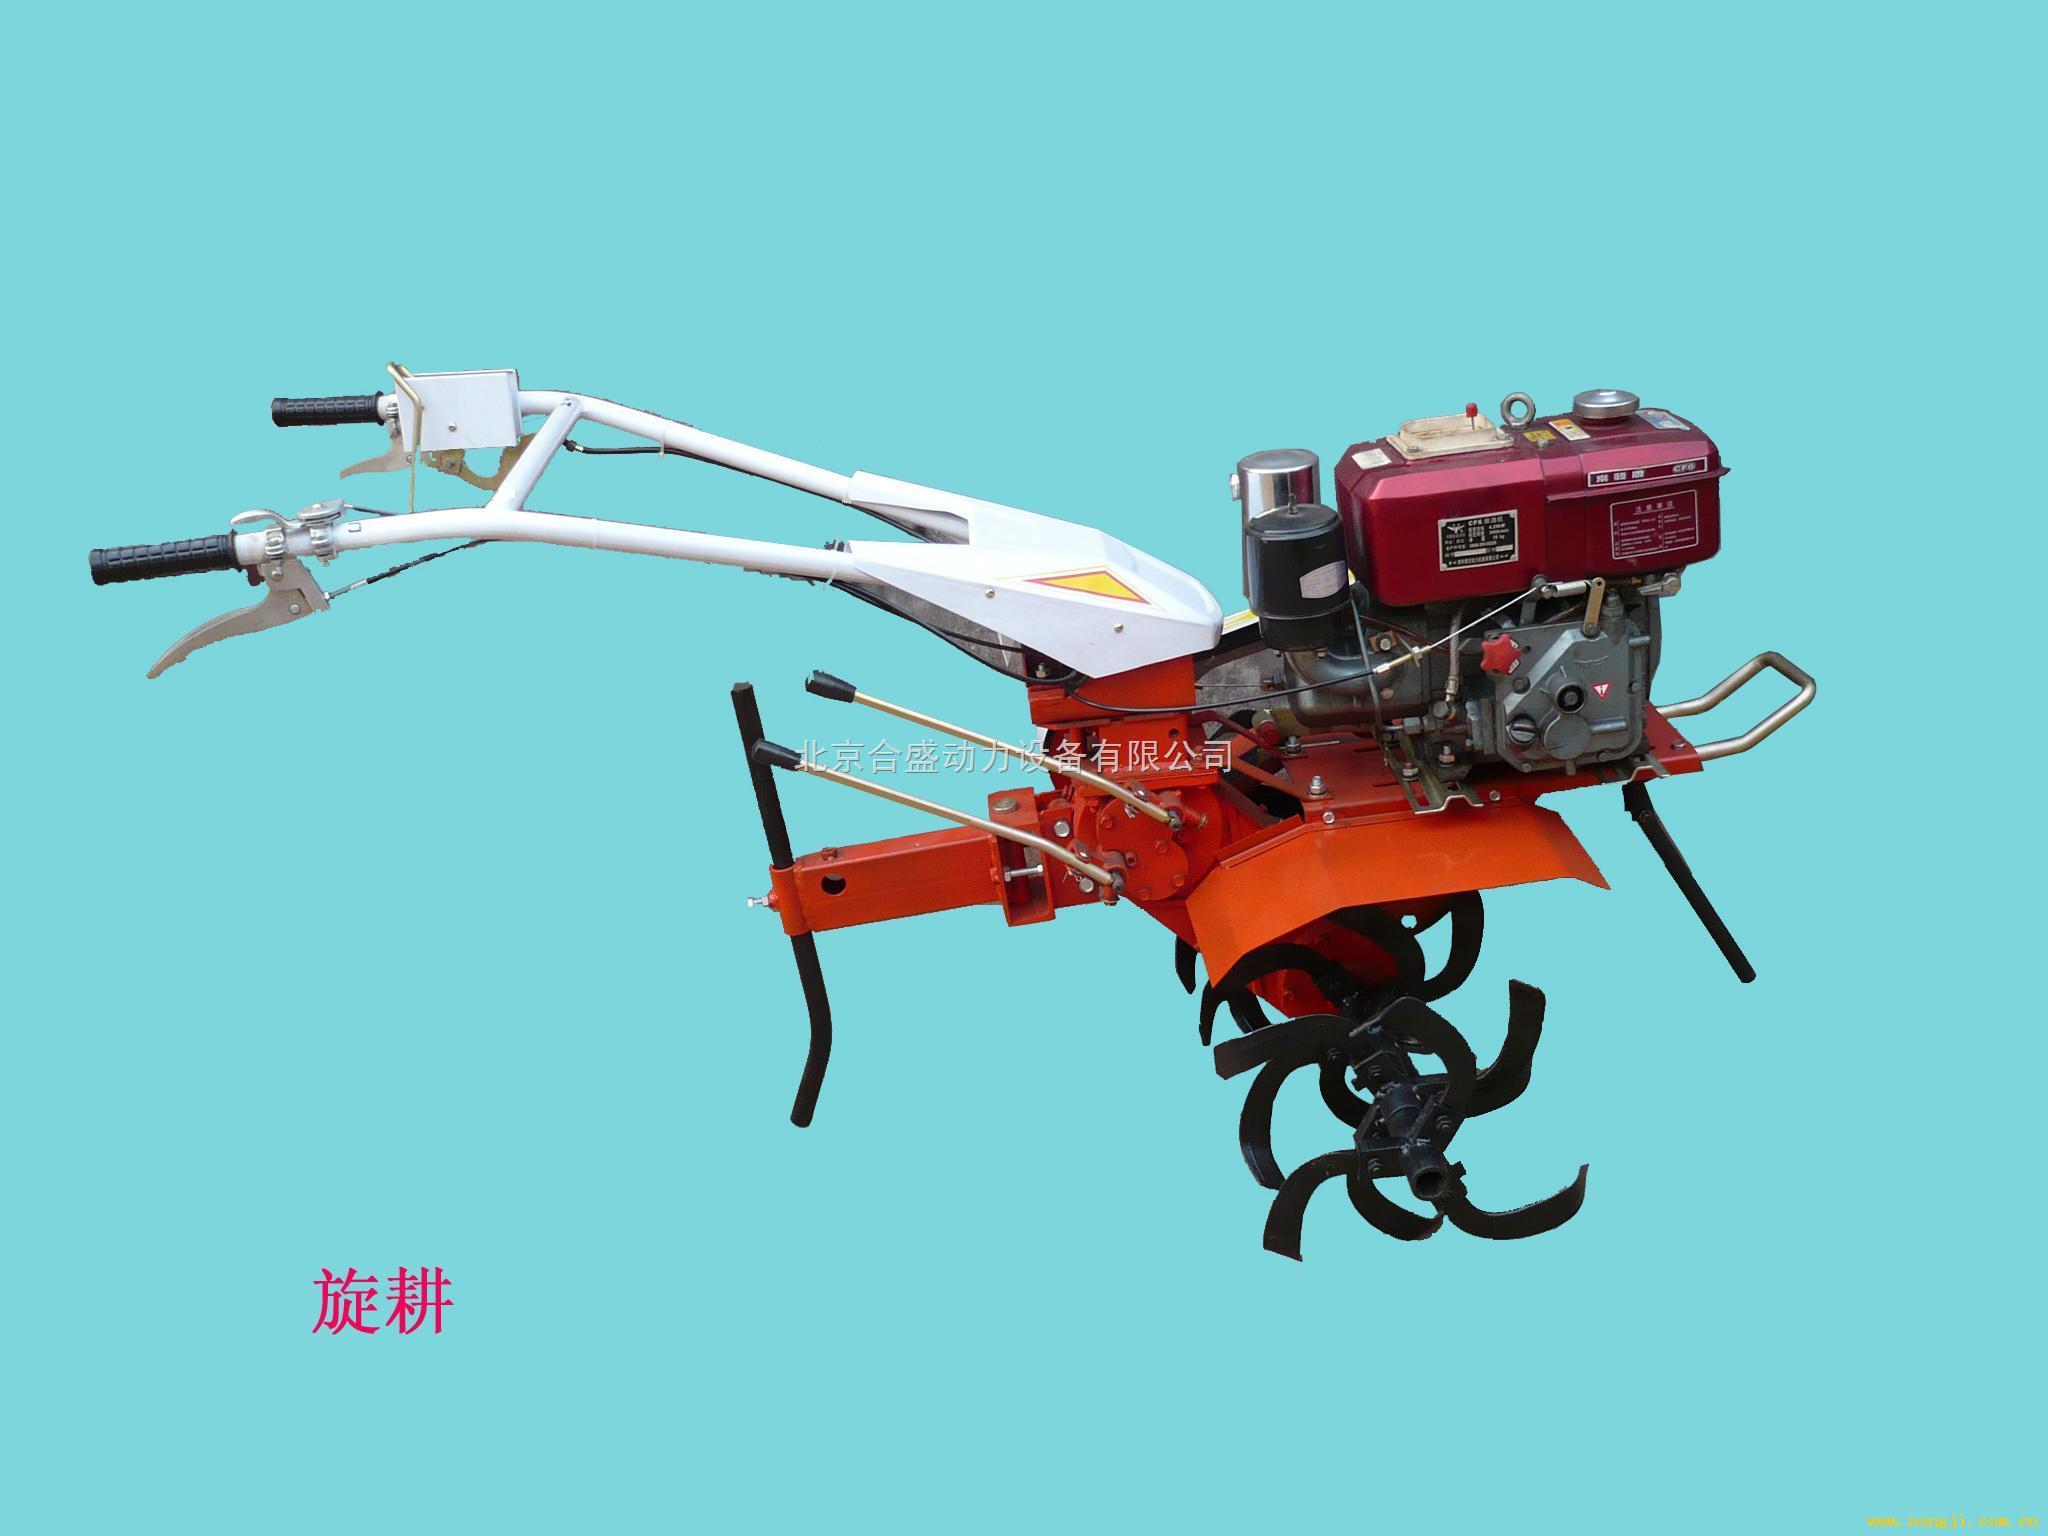 重庆鑫源微耕机 微耕机维修视频 大型微耕机